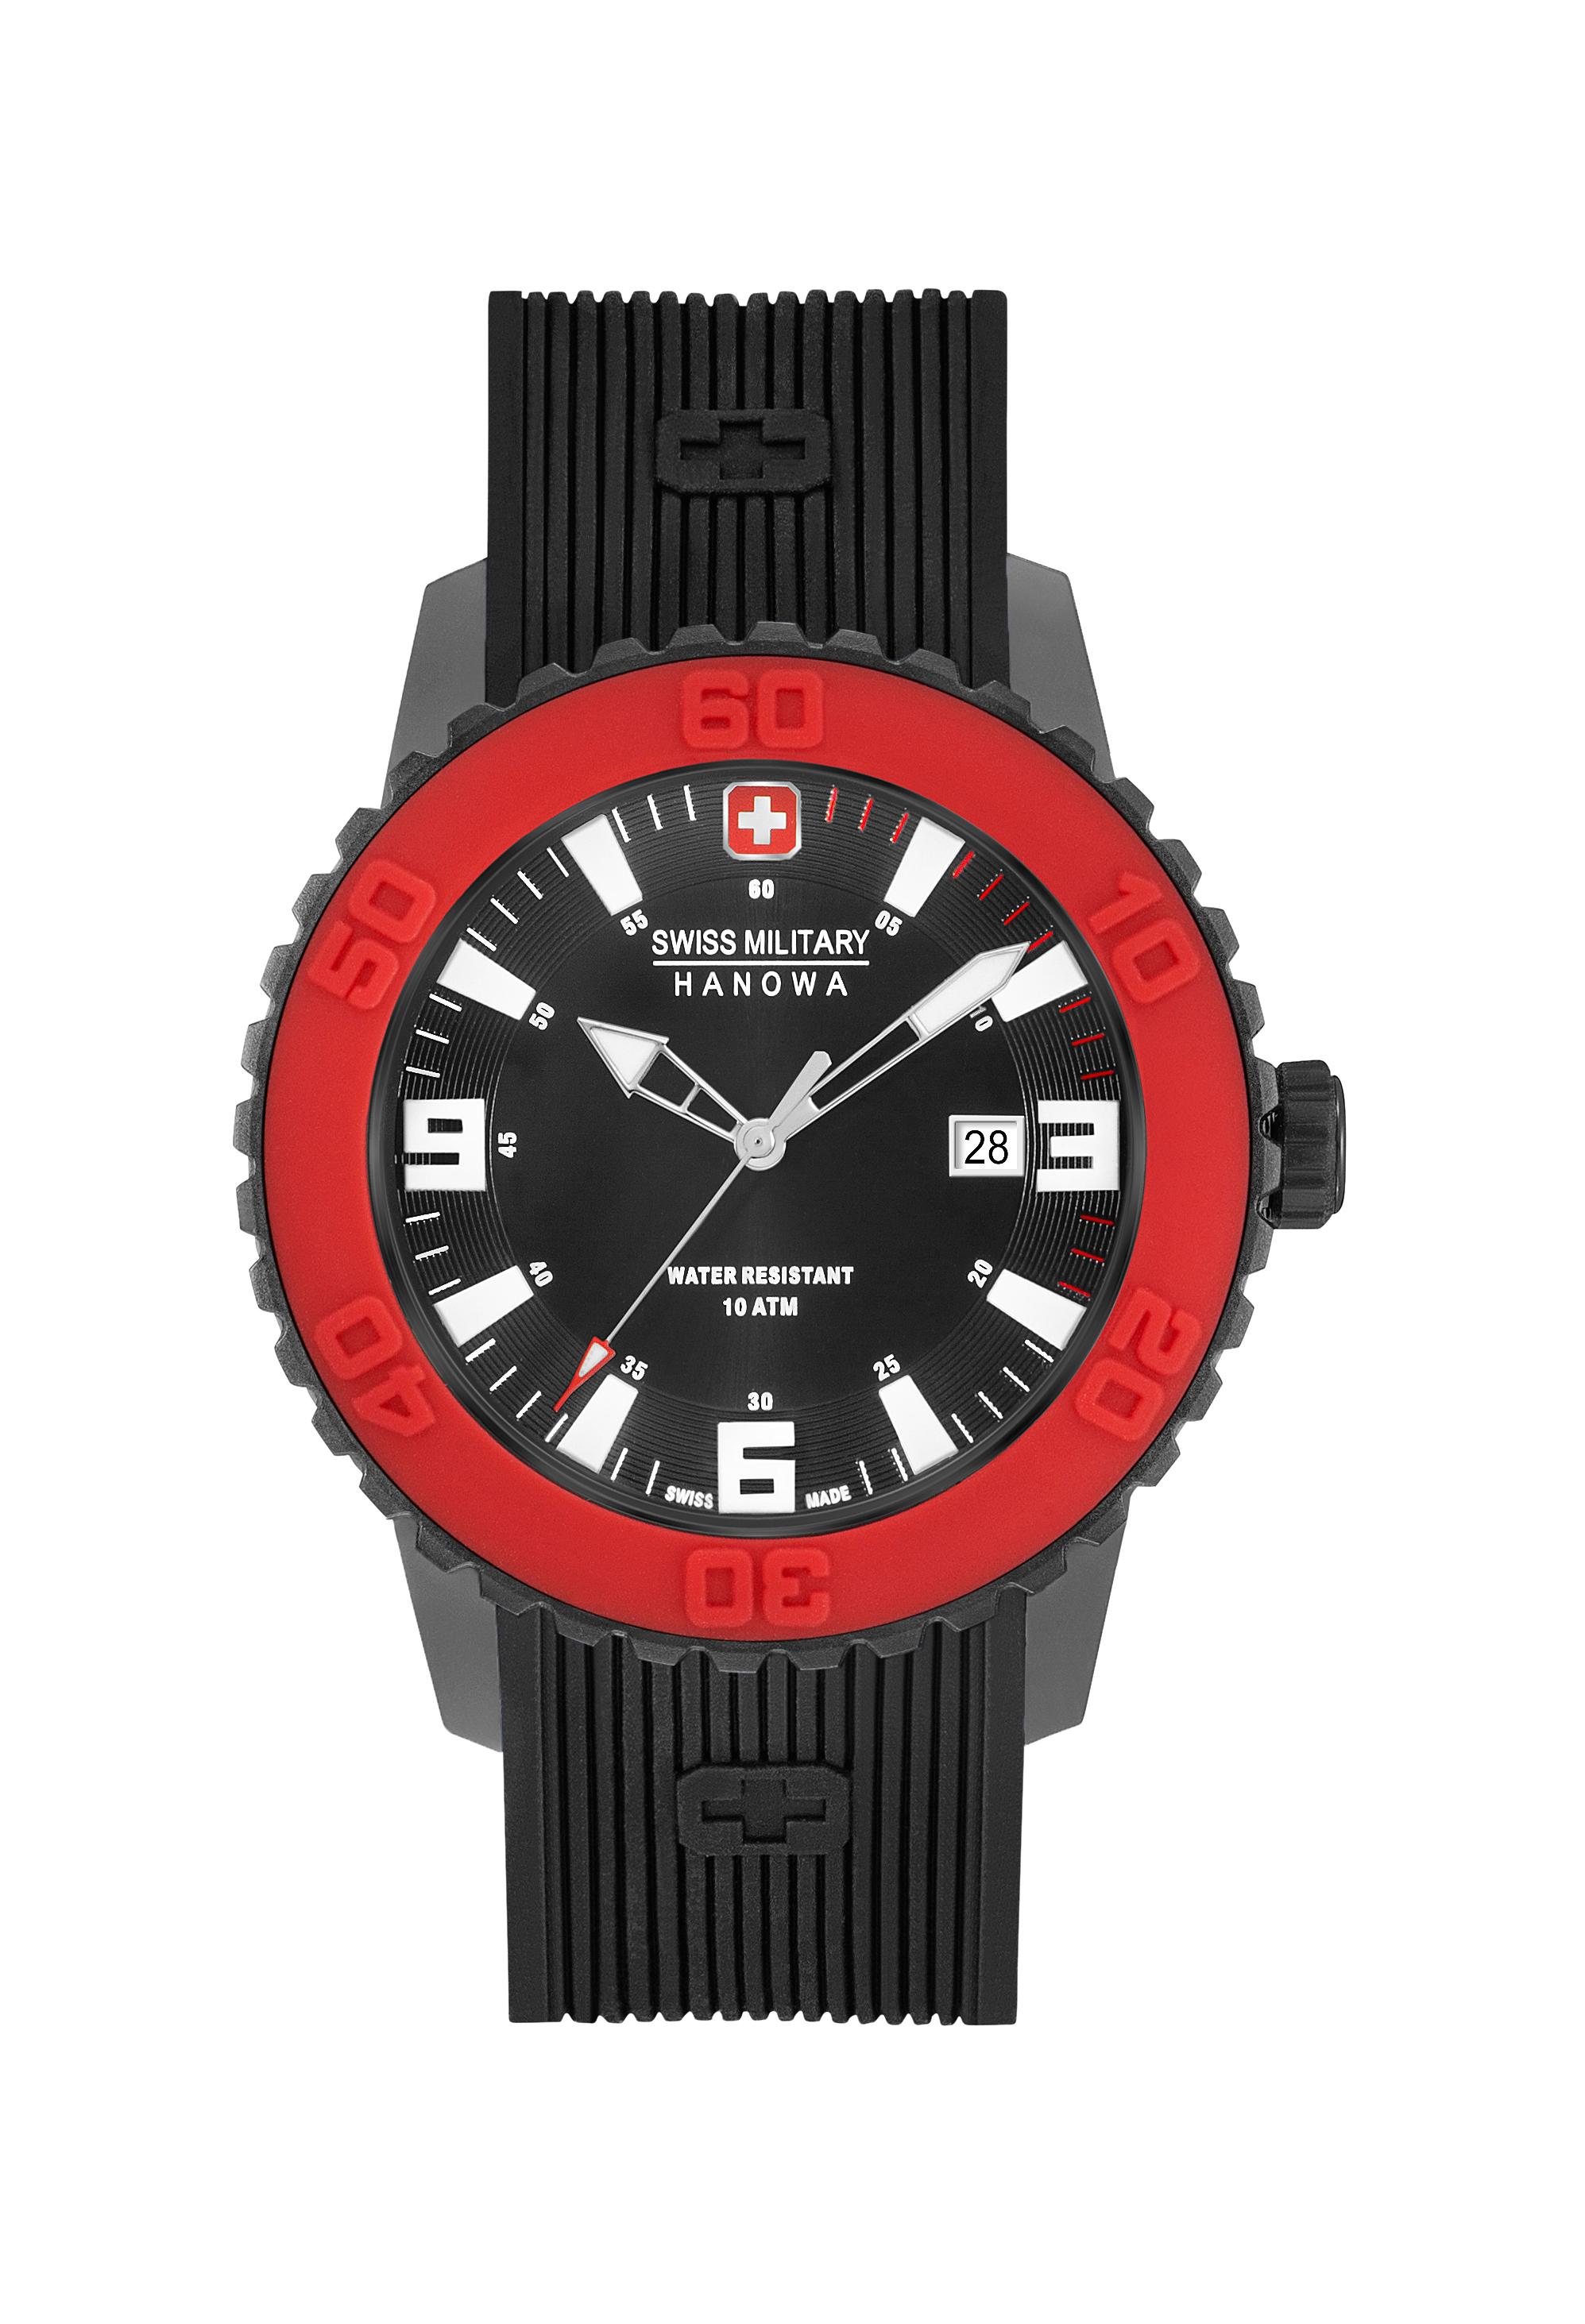 Swiss Military Hanowa Twilight Ii Watches Amp Clocks